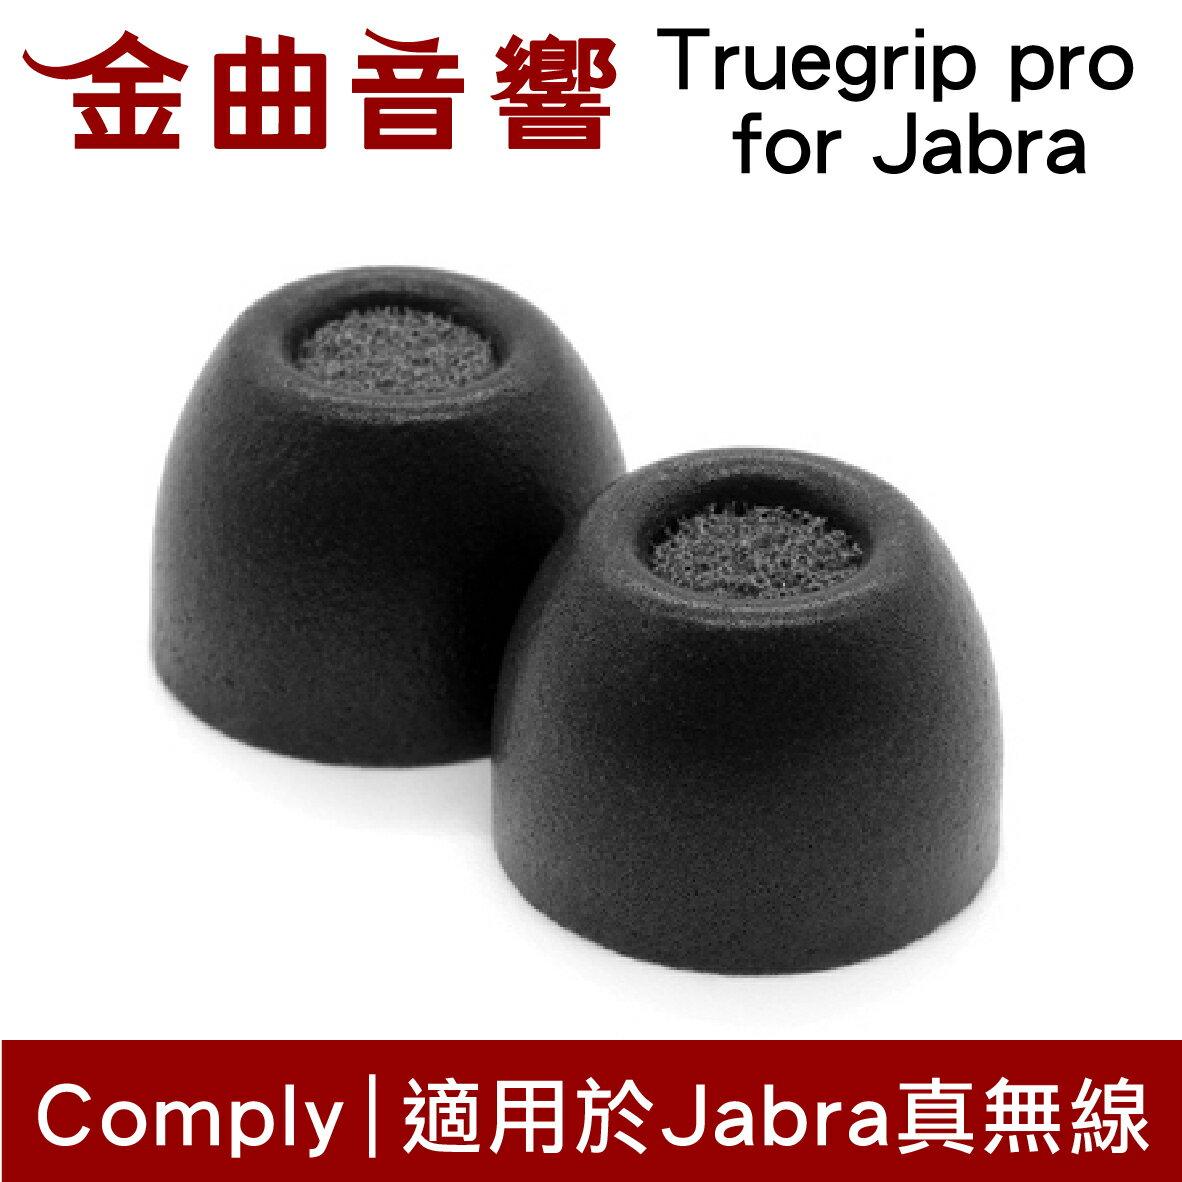 Comply Jabra 記憶海綿耳塞 適用 Jabra 真無線 藍芽耳機 | 金曲音響